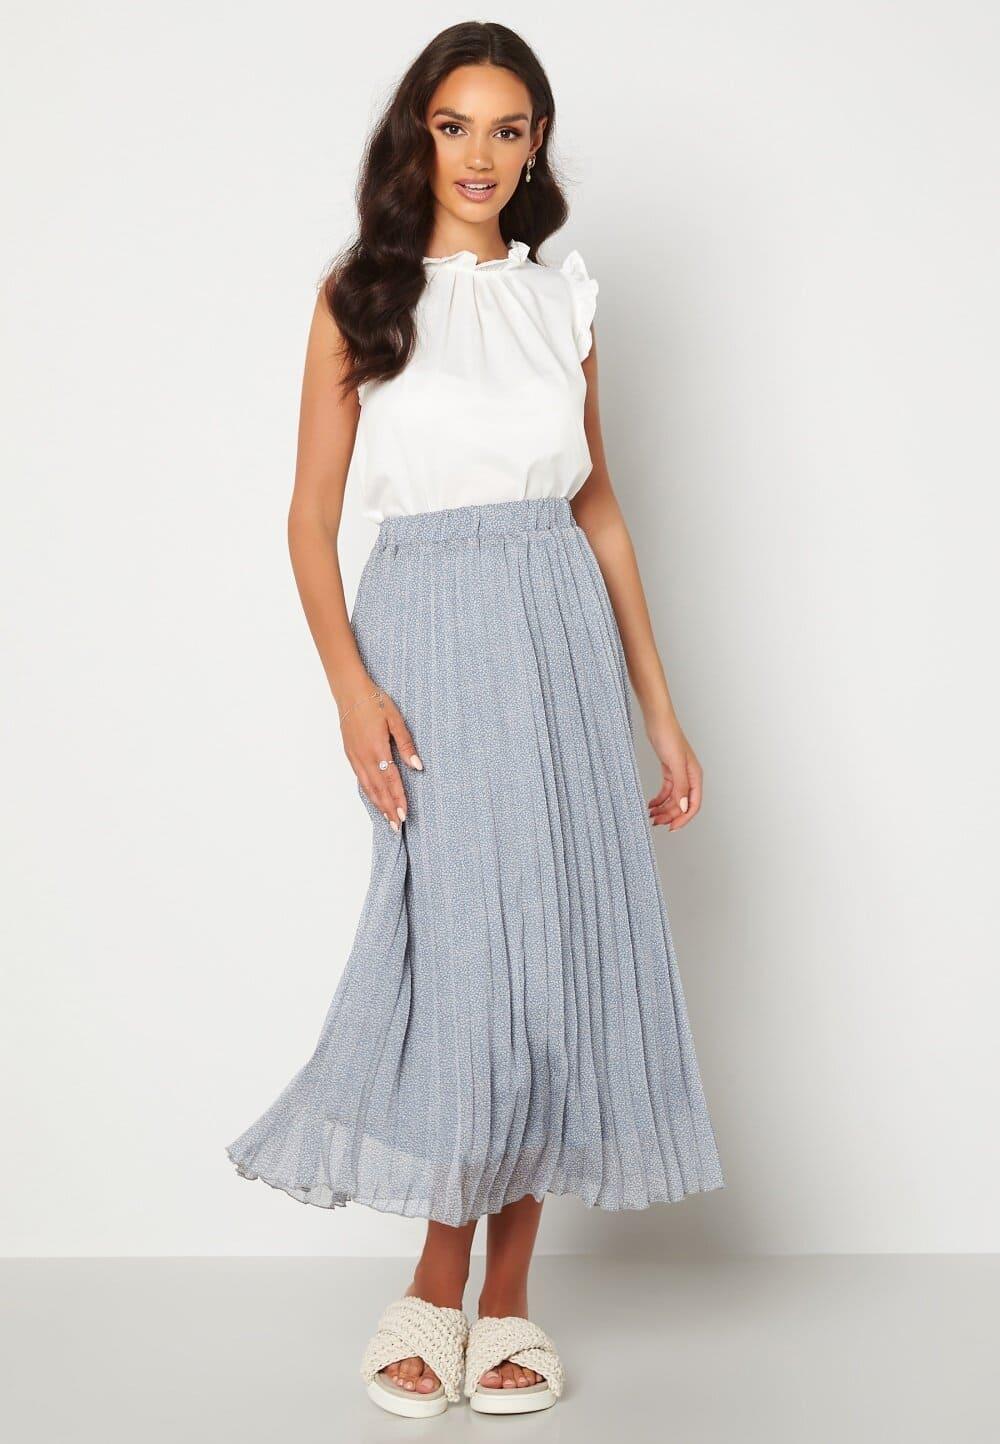 Blå plisserad kjol i lång modell